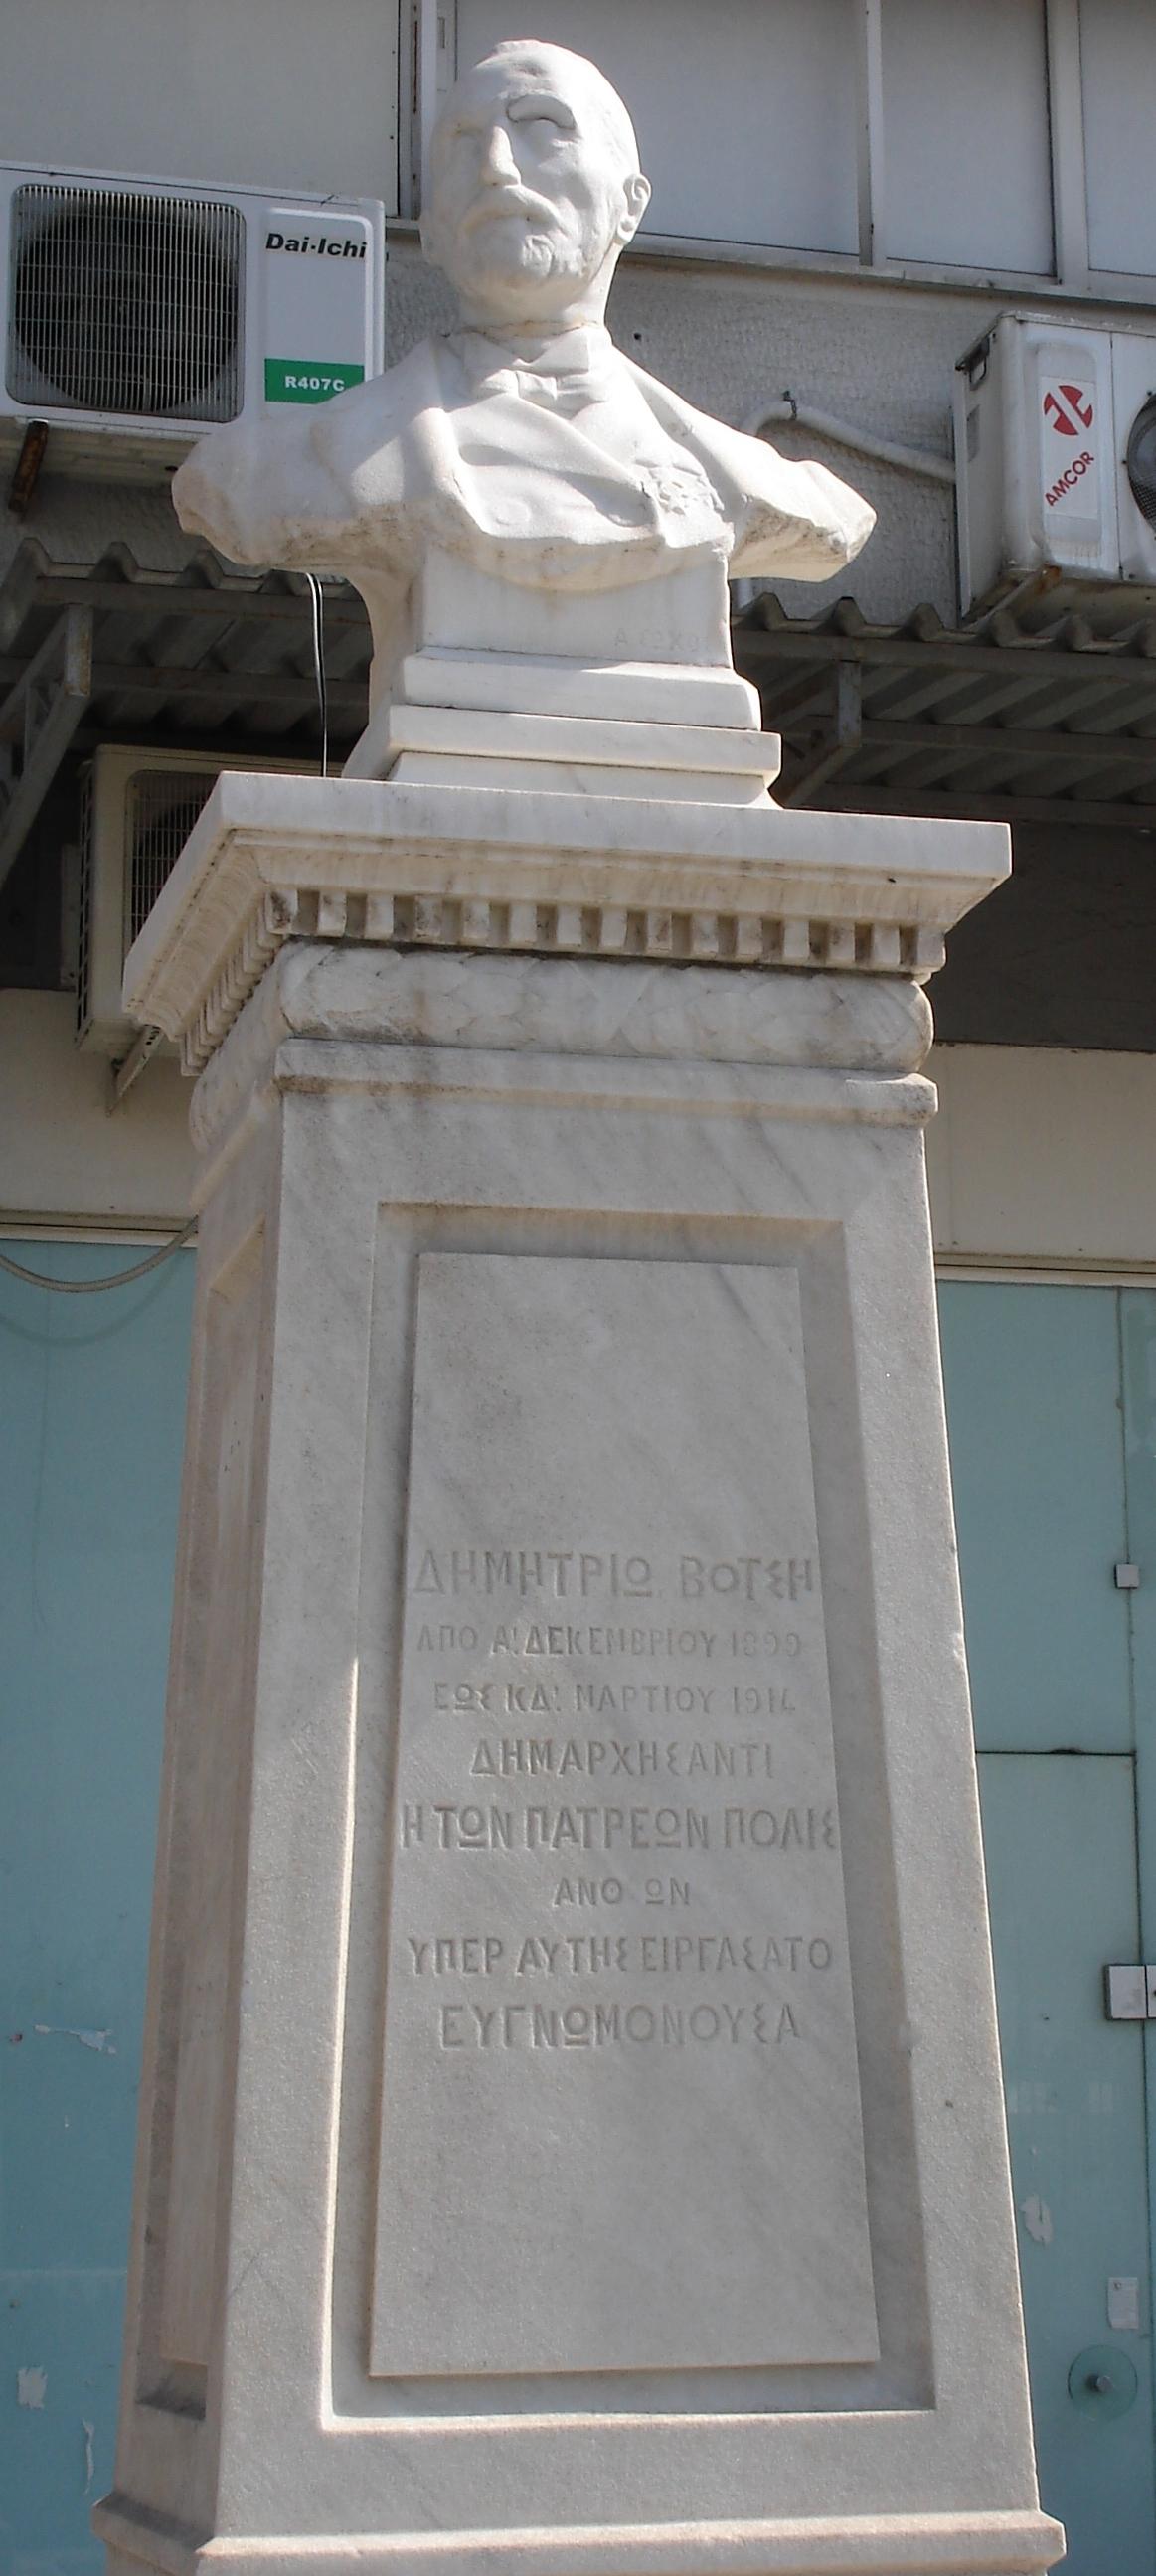 Δημήτριος Βότσης (δήμαρχος Πατρέων) - Βικιπαίδεια